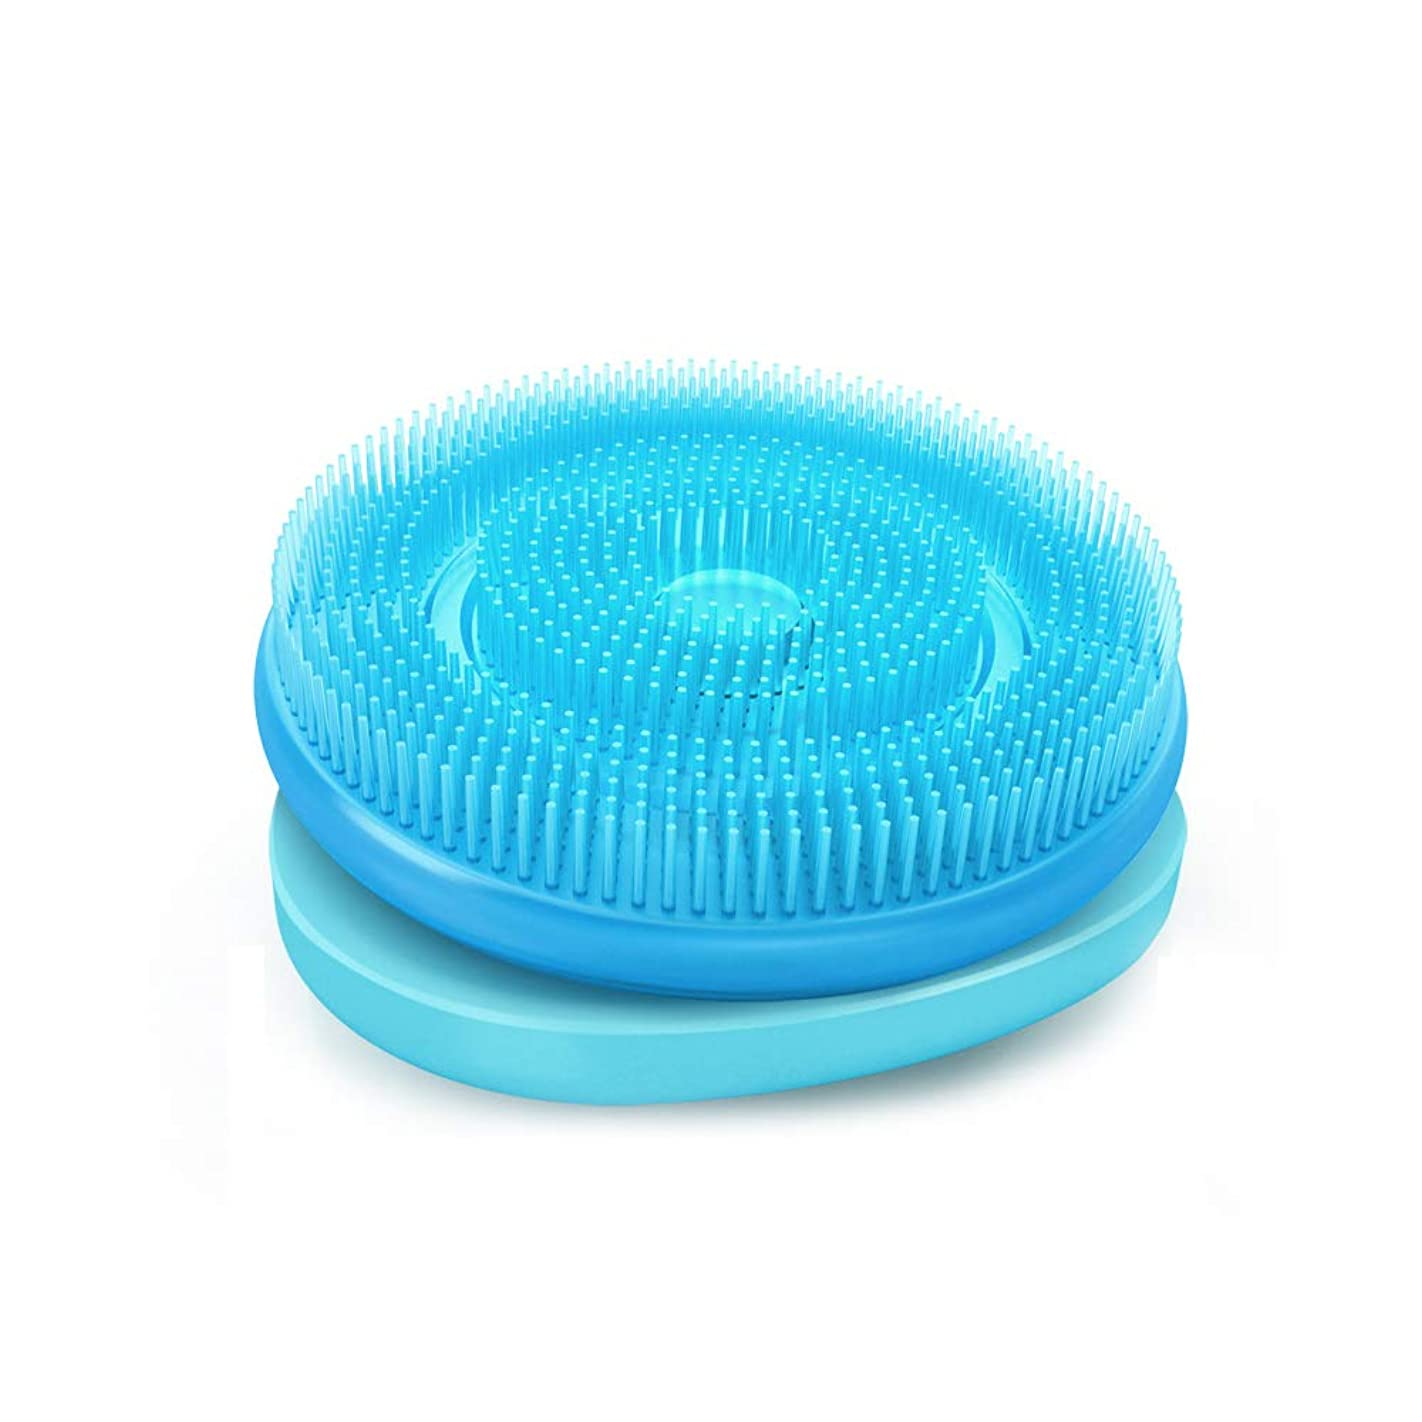 支援するお風呂偏心バスバックブラシ、シリコン回転ボディブラシ、角質除去のためのロングハンドル付きスキンマッサージ、セルライトを減らし、リンパ系を促進,Baby